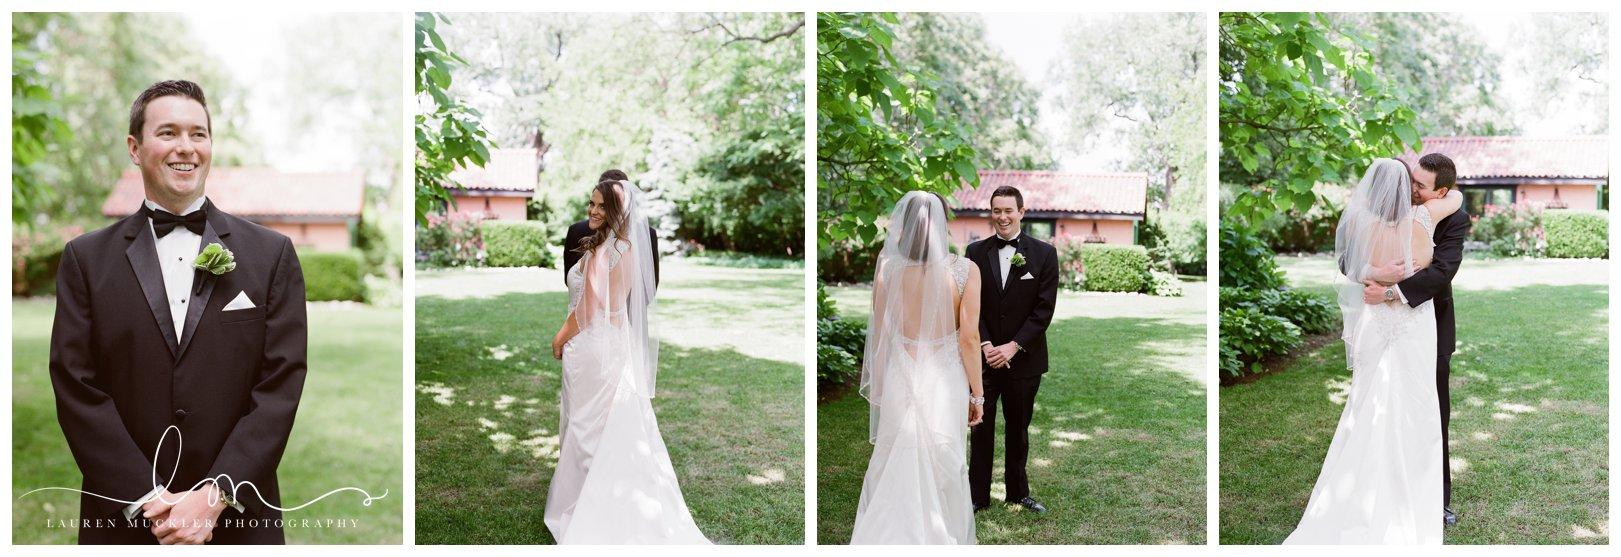 lauren muckler photography_fine art film wedding photography_st louis_photography_0213.jpg